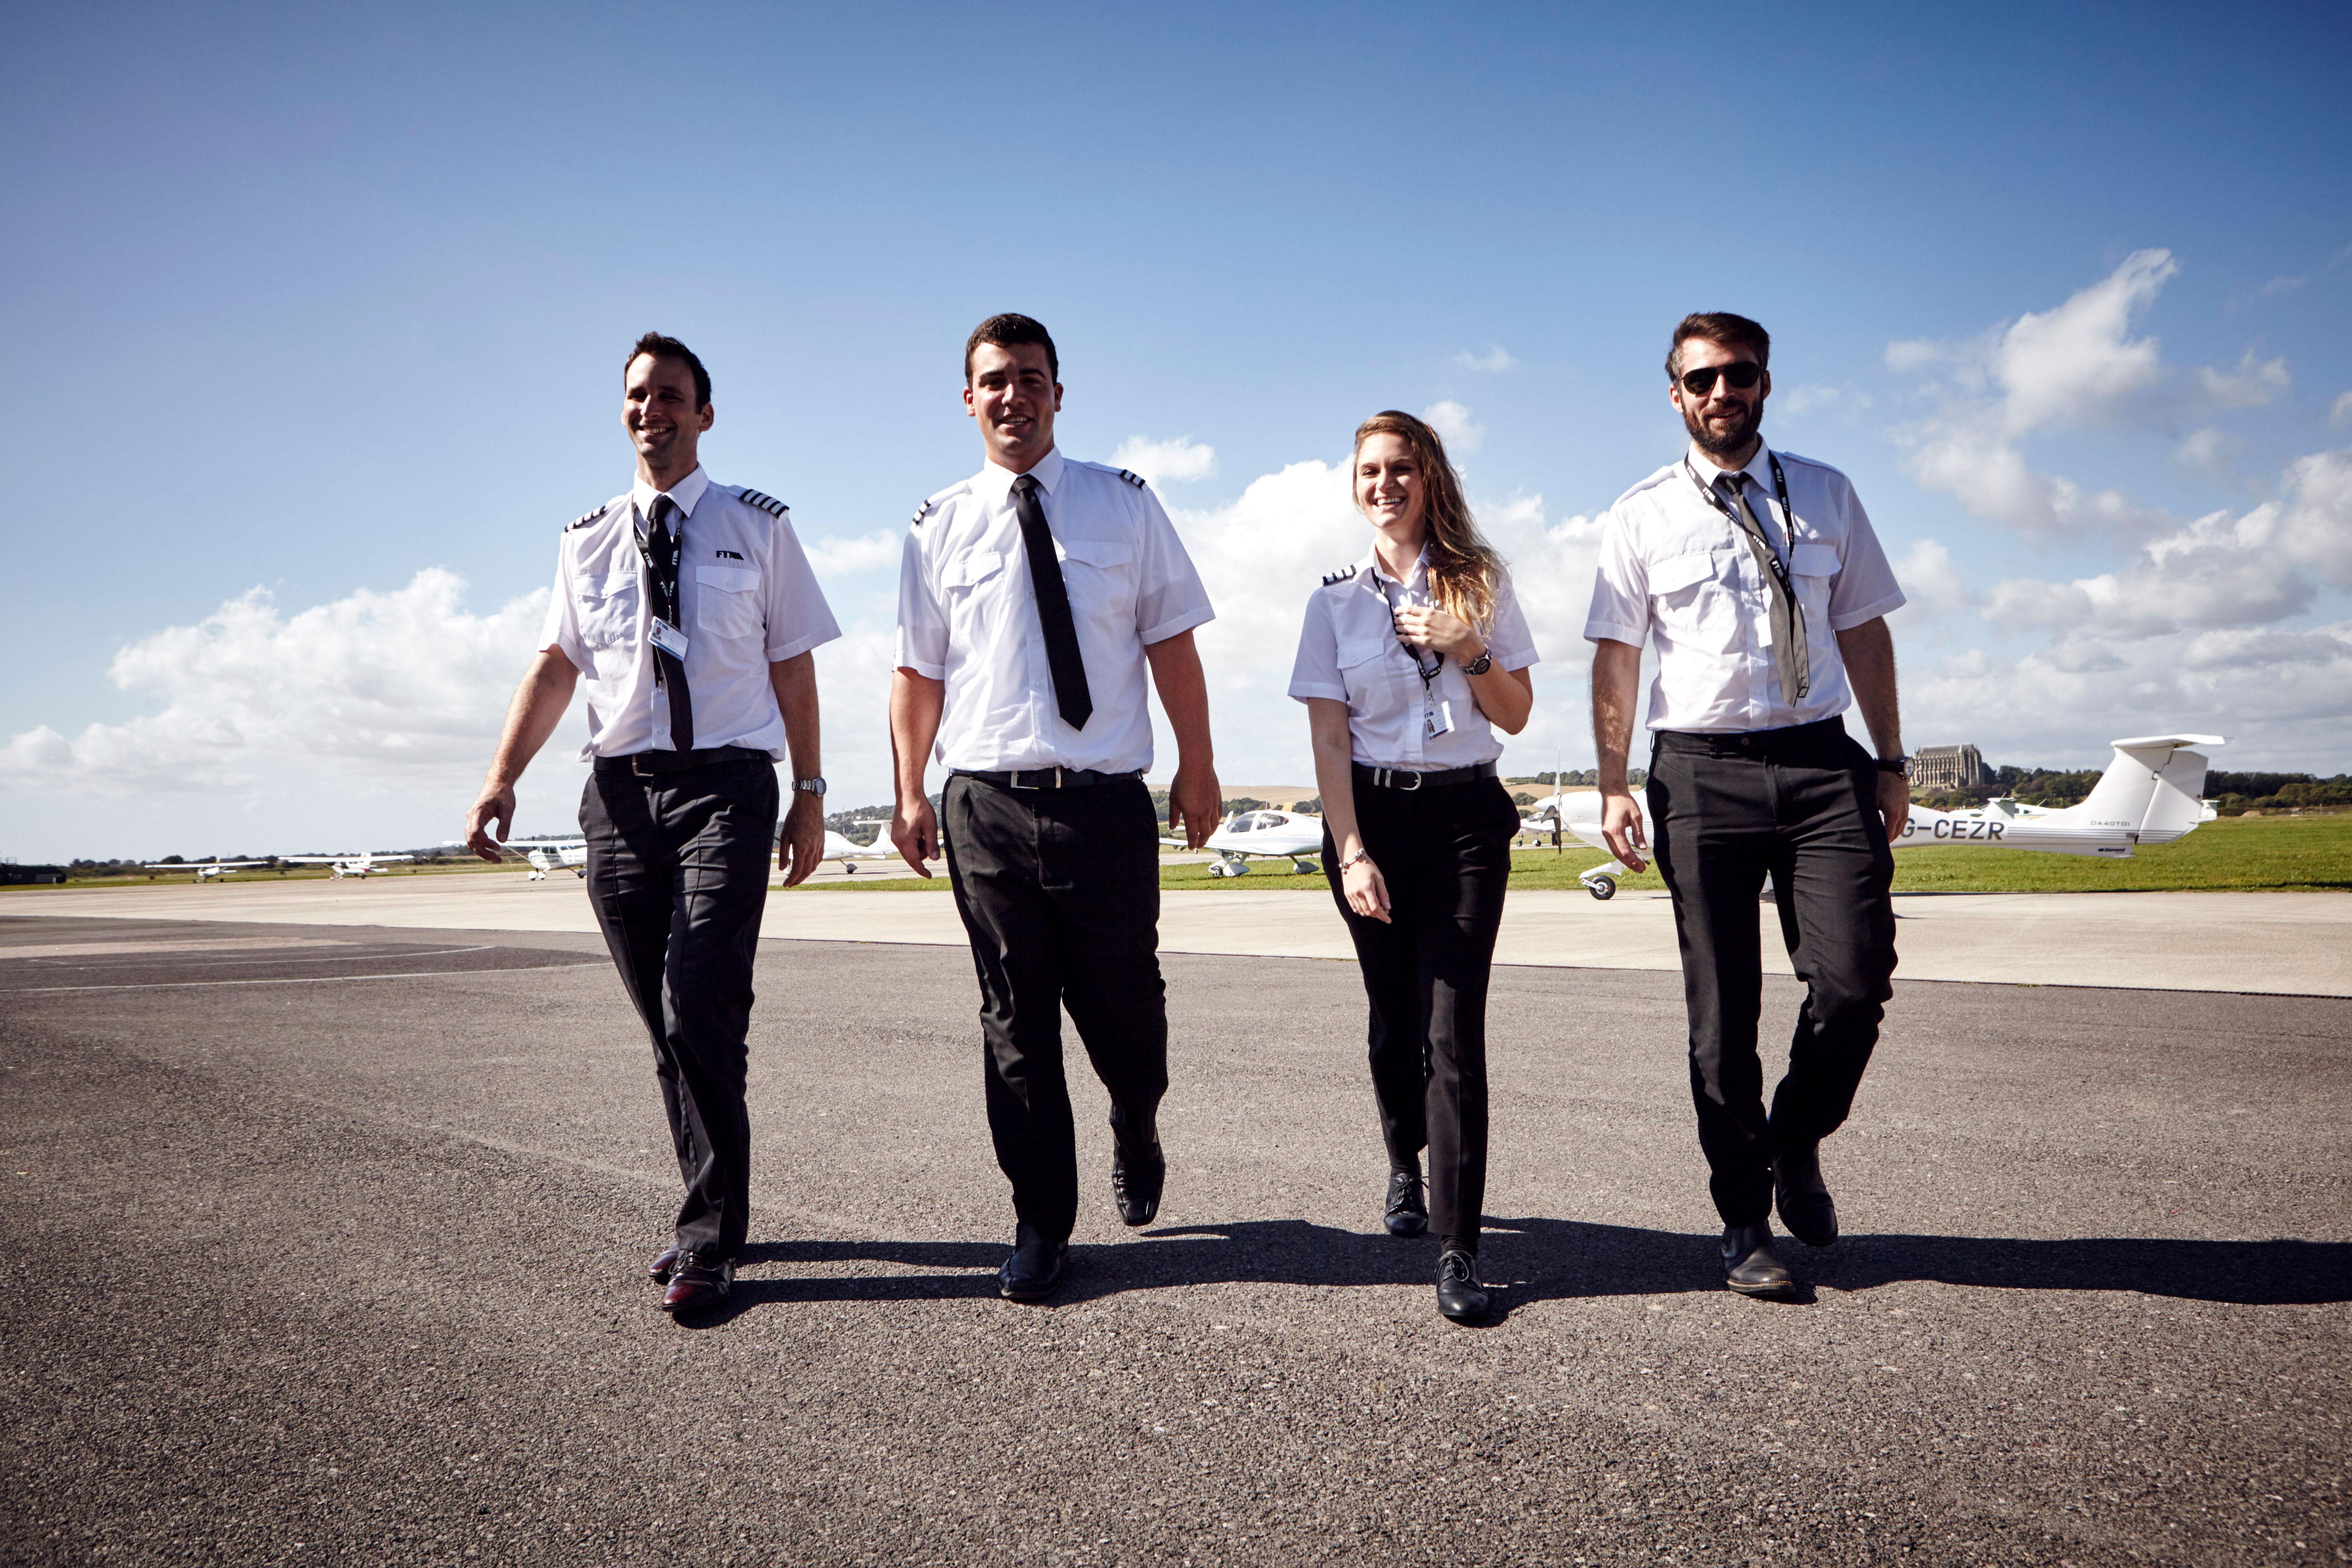 FLIGHT TRAINING FOR CAREER PILOTS